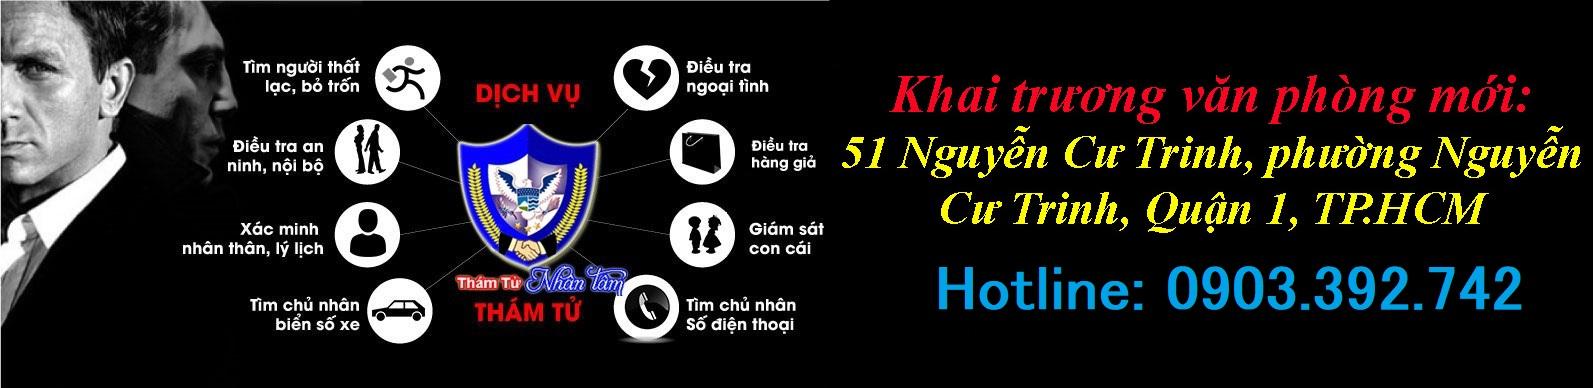 Công Ty Thám Tử Tư Điều Tra Uy Tín Nhất Sài Gòn TPHCM